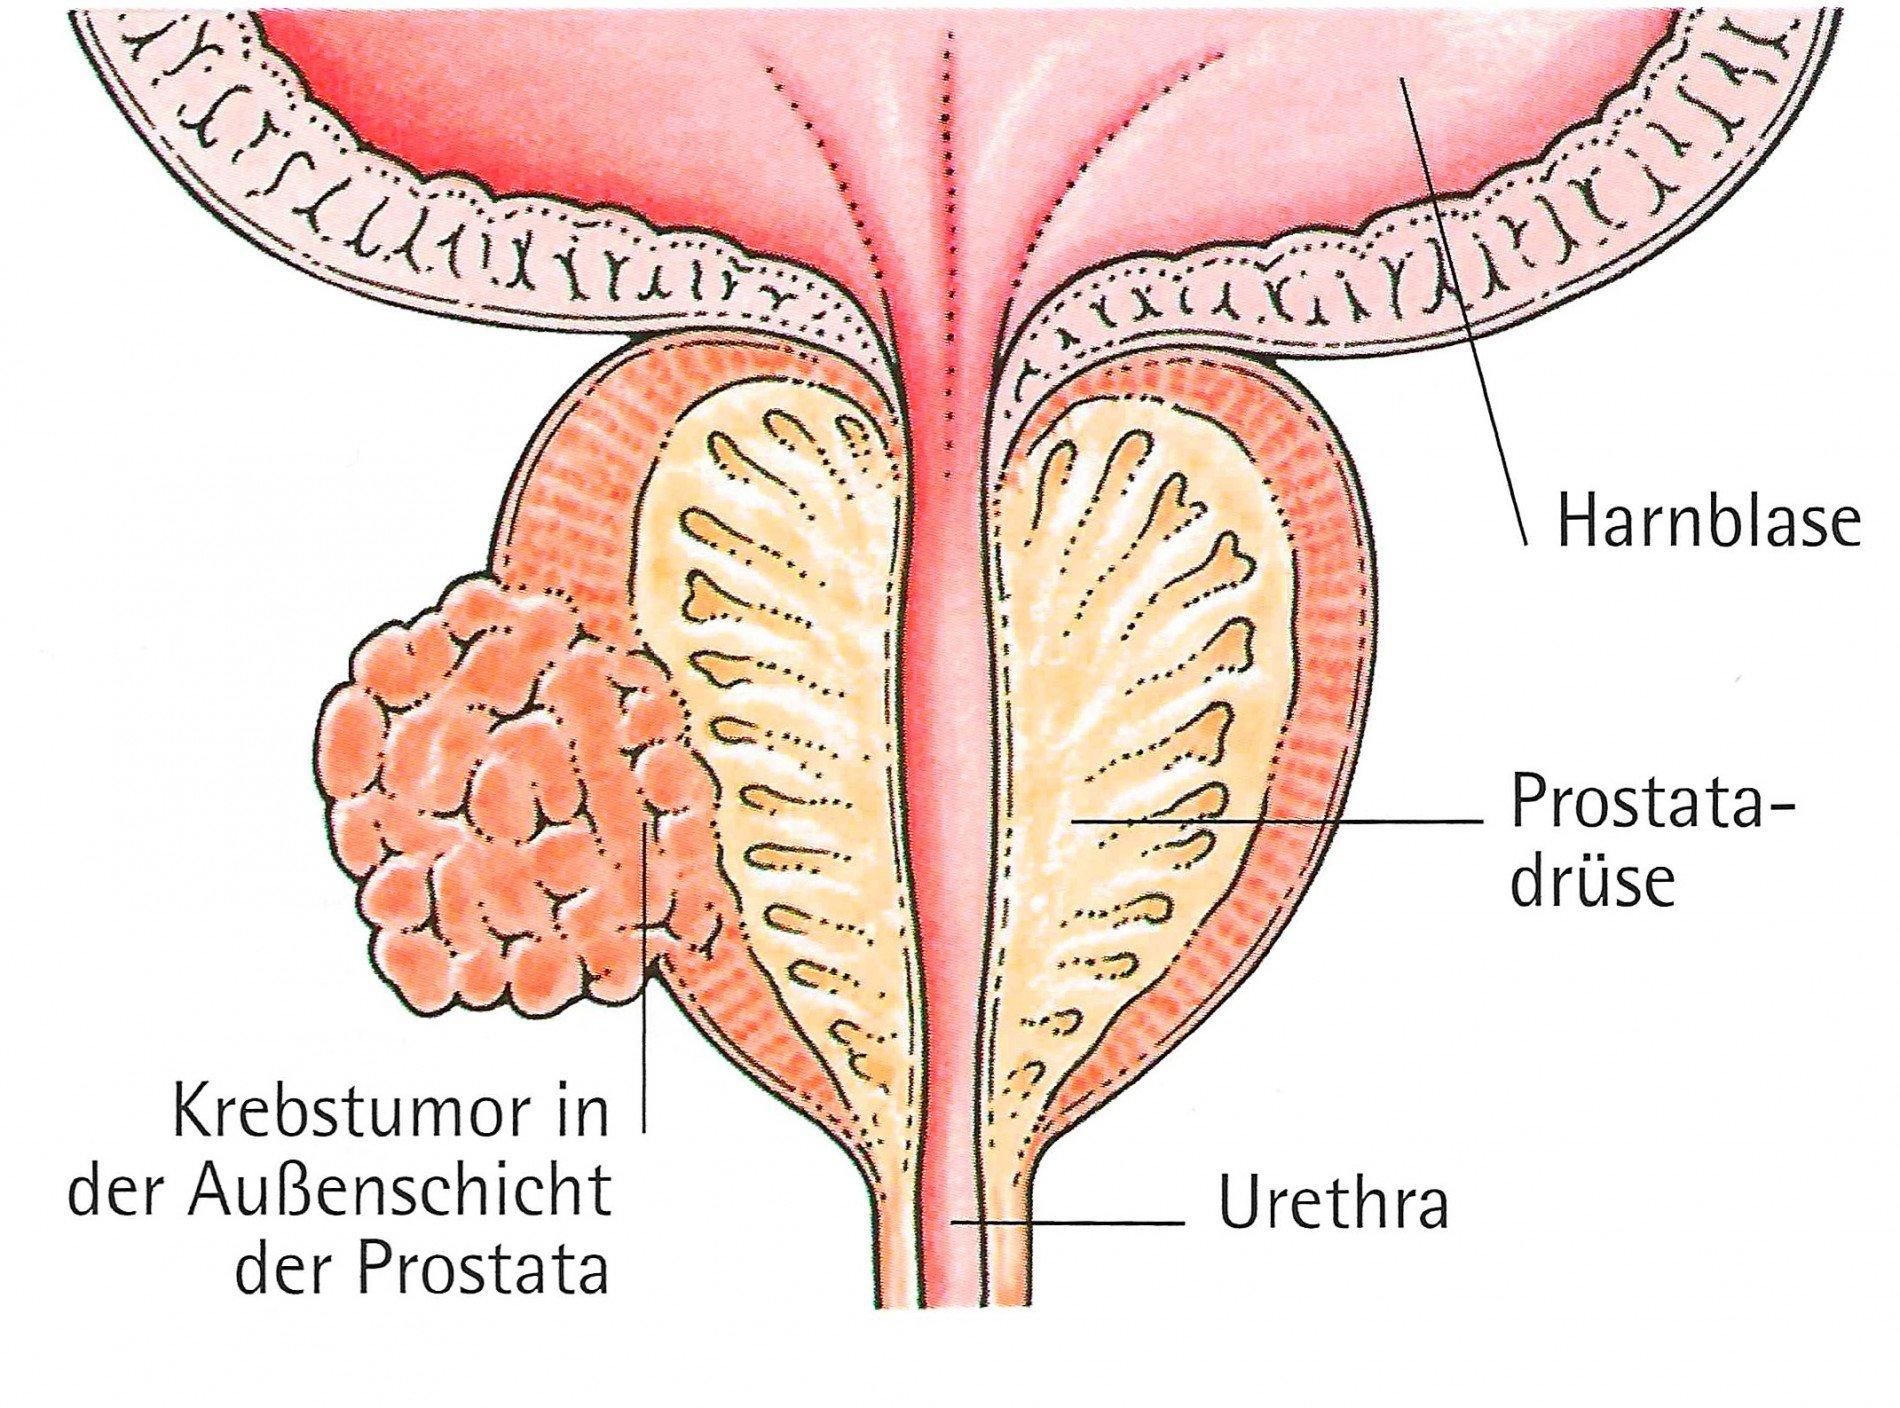 azinären adenokarzinoms der prostata